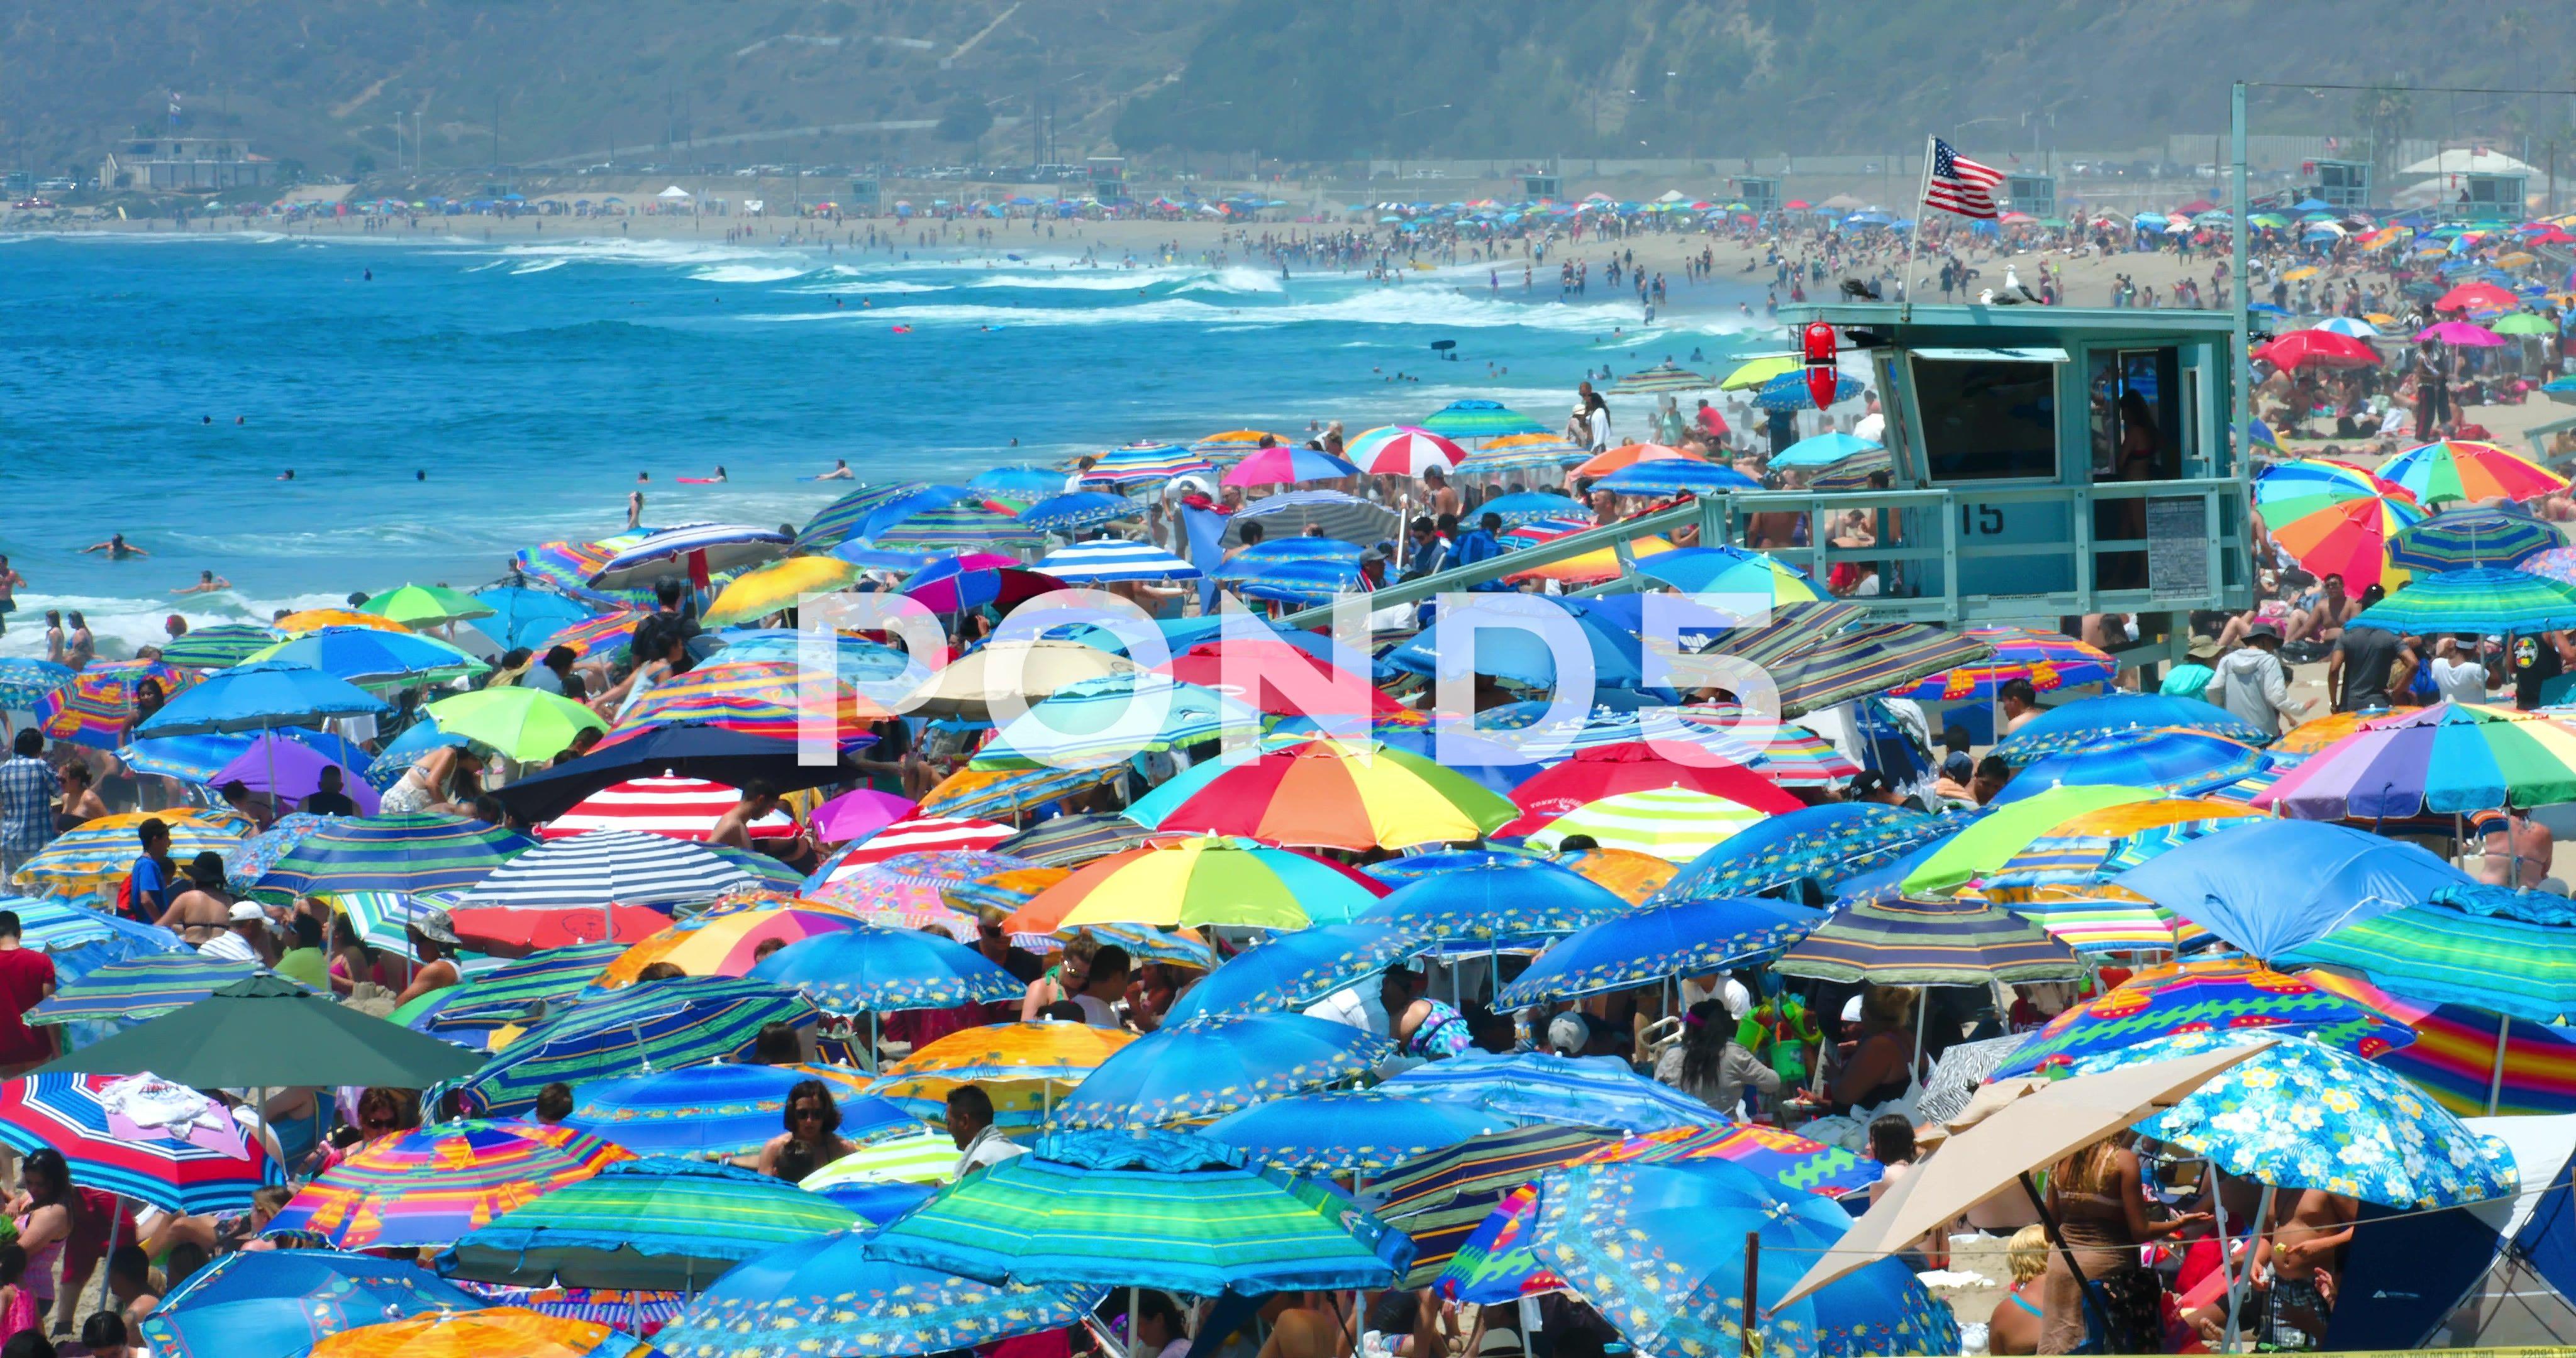 People Swim In The Pacific Ocean In Santa Monica Beach Los Angeles 4k Raw Stock Footage Ocean Santa Moni Los Angeles Beaches Pacific Ocean Santa Monica Beach